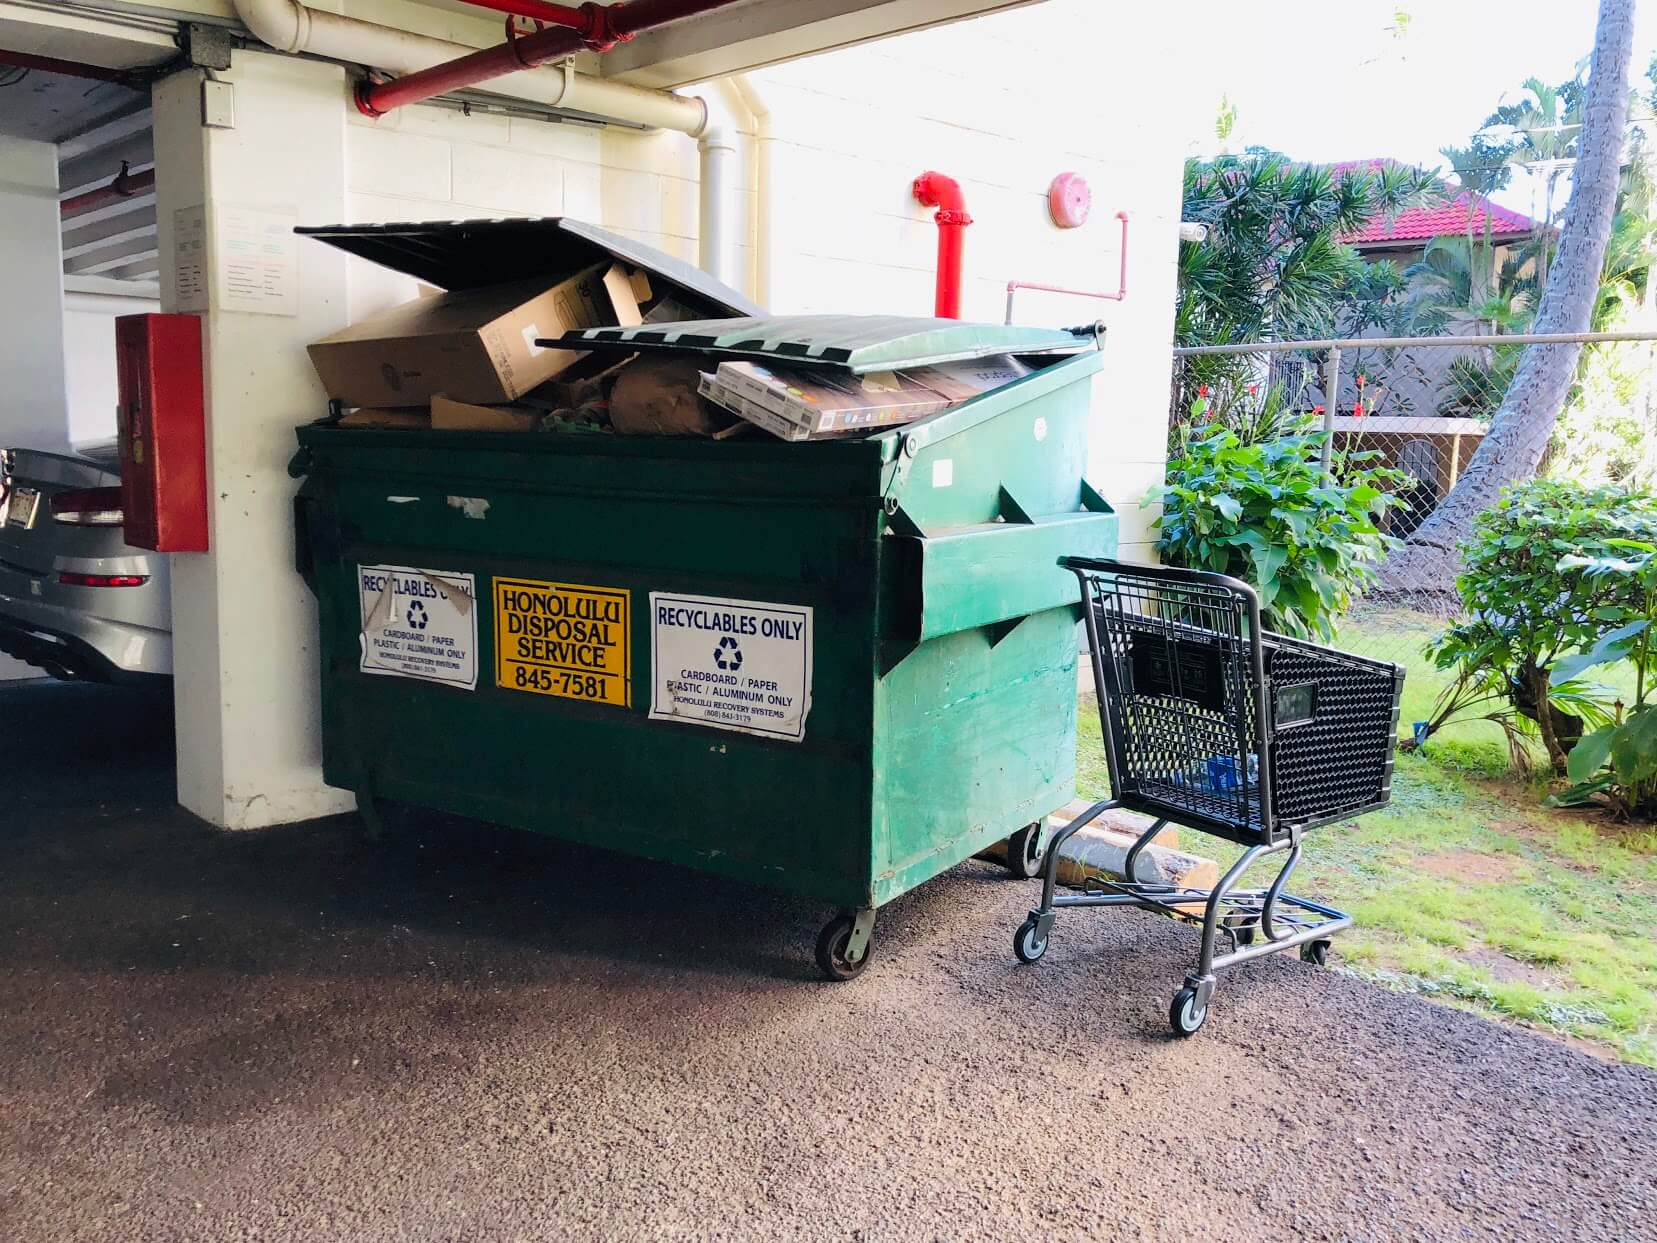 Waikiki Lanaisのゴミ置き場